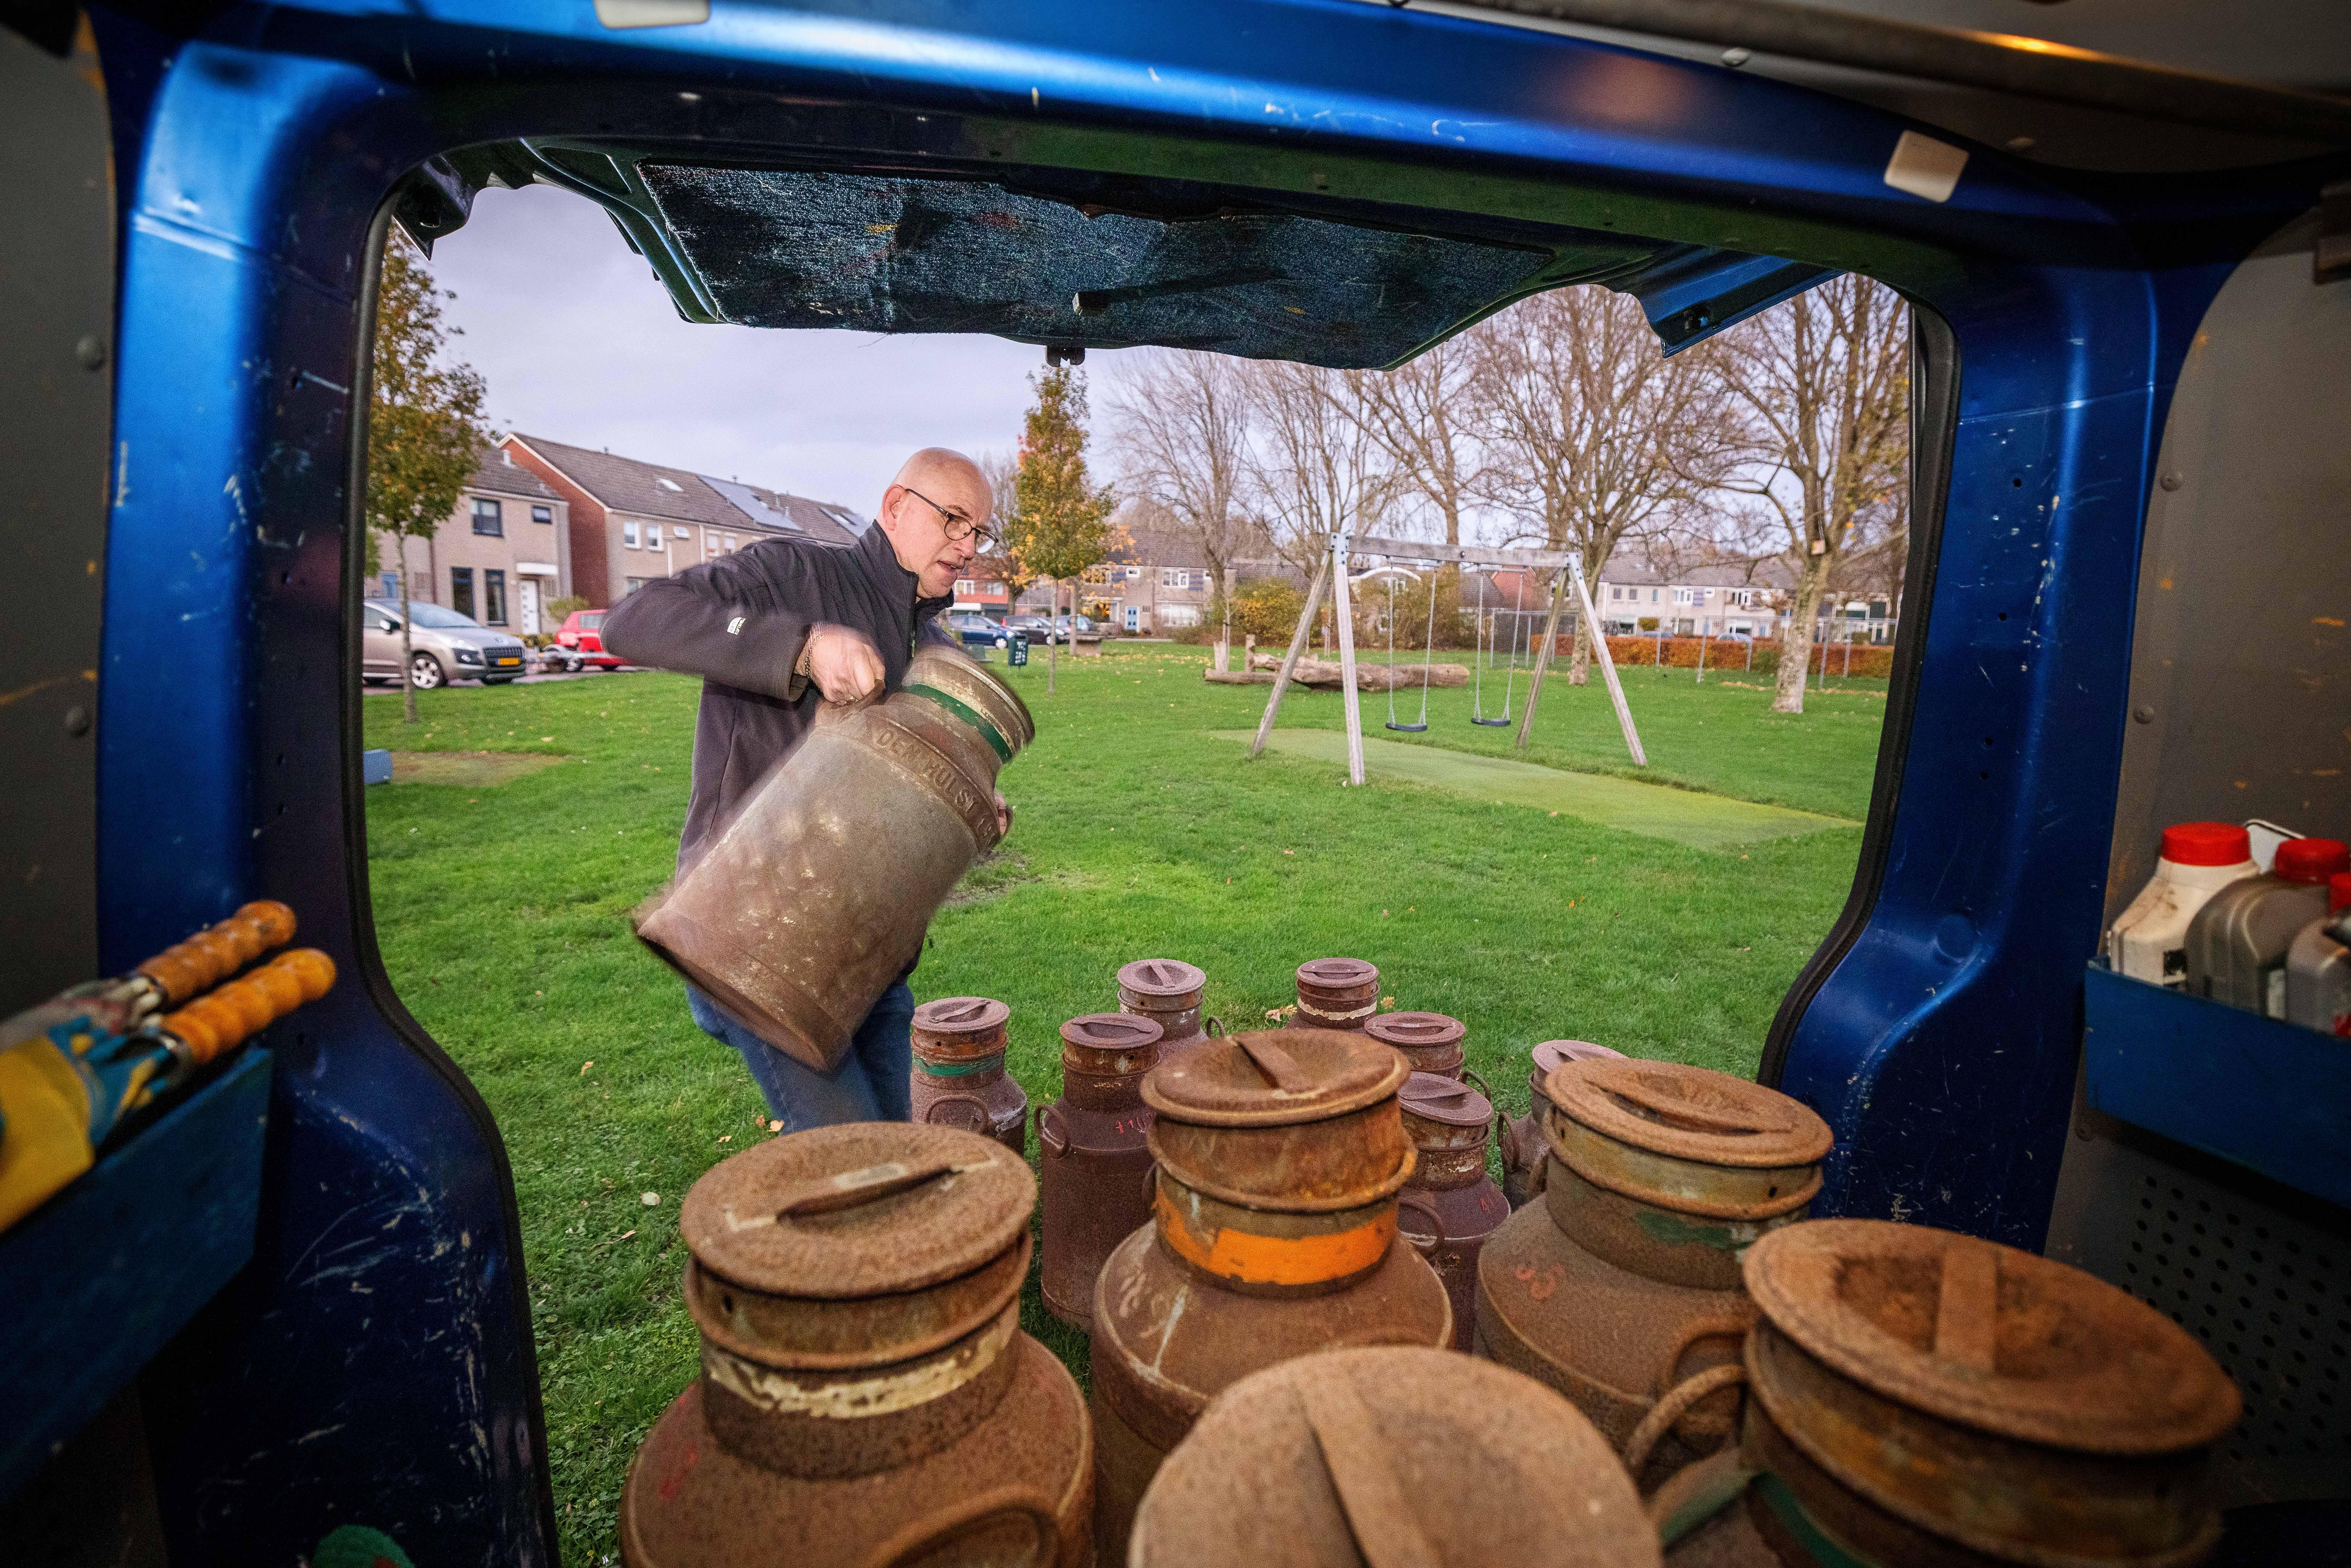 Carbidschieten in heel West-Friesland verboden: 'Ziekenhuispersoneel heeft handen vol aan coronapatiënten, extra letselslachtoffers kunnen zij er gewoon niet bij hebben'